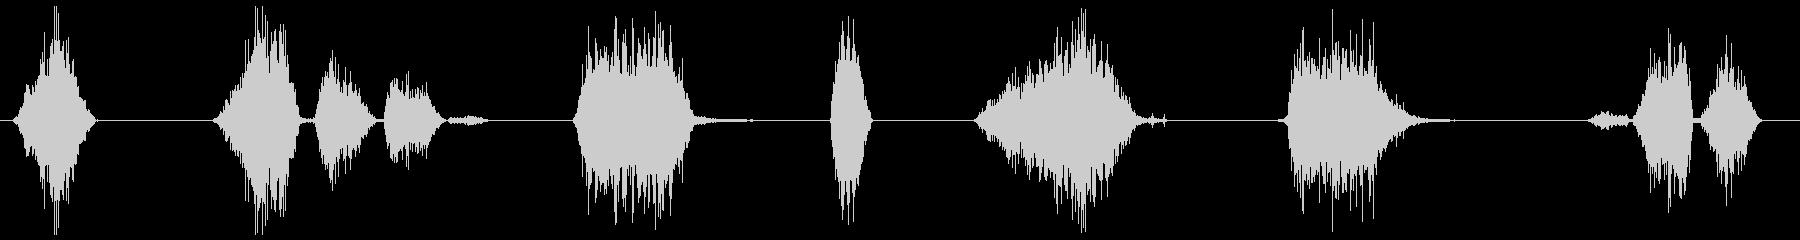 マジックペン (書く)長め文字、サイン等の未再生の波形